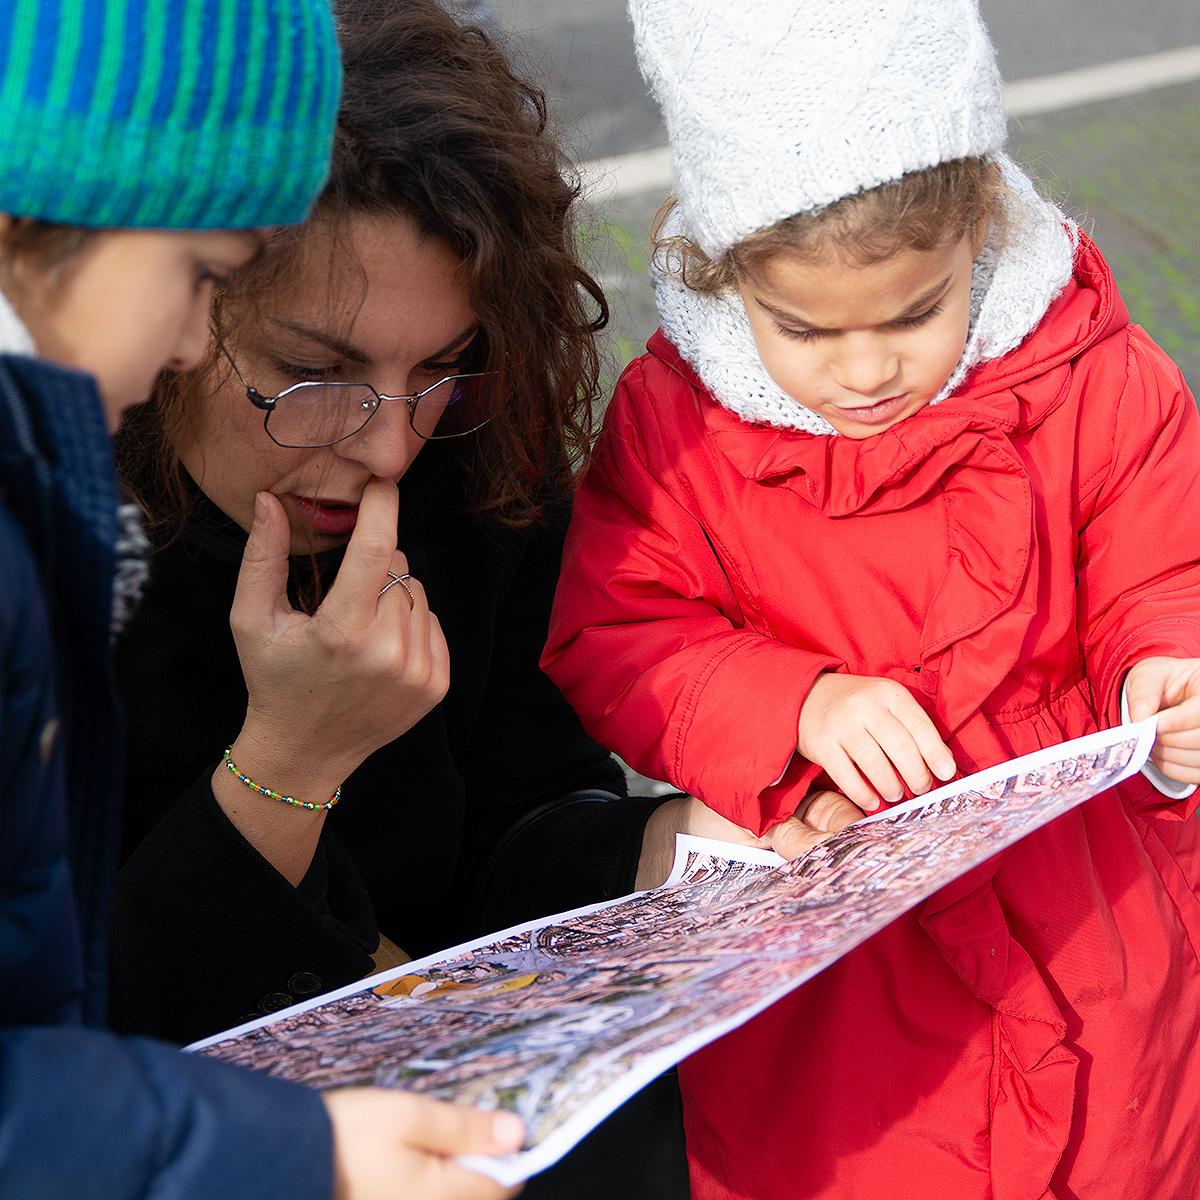 Des activités à Rome pour les enfants aussi